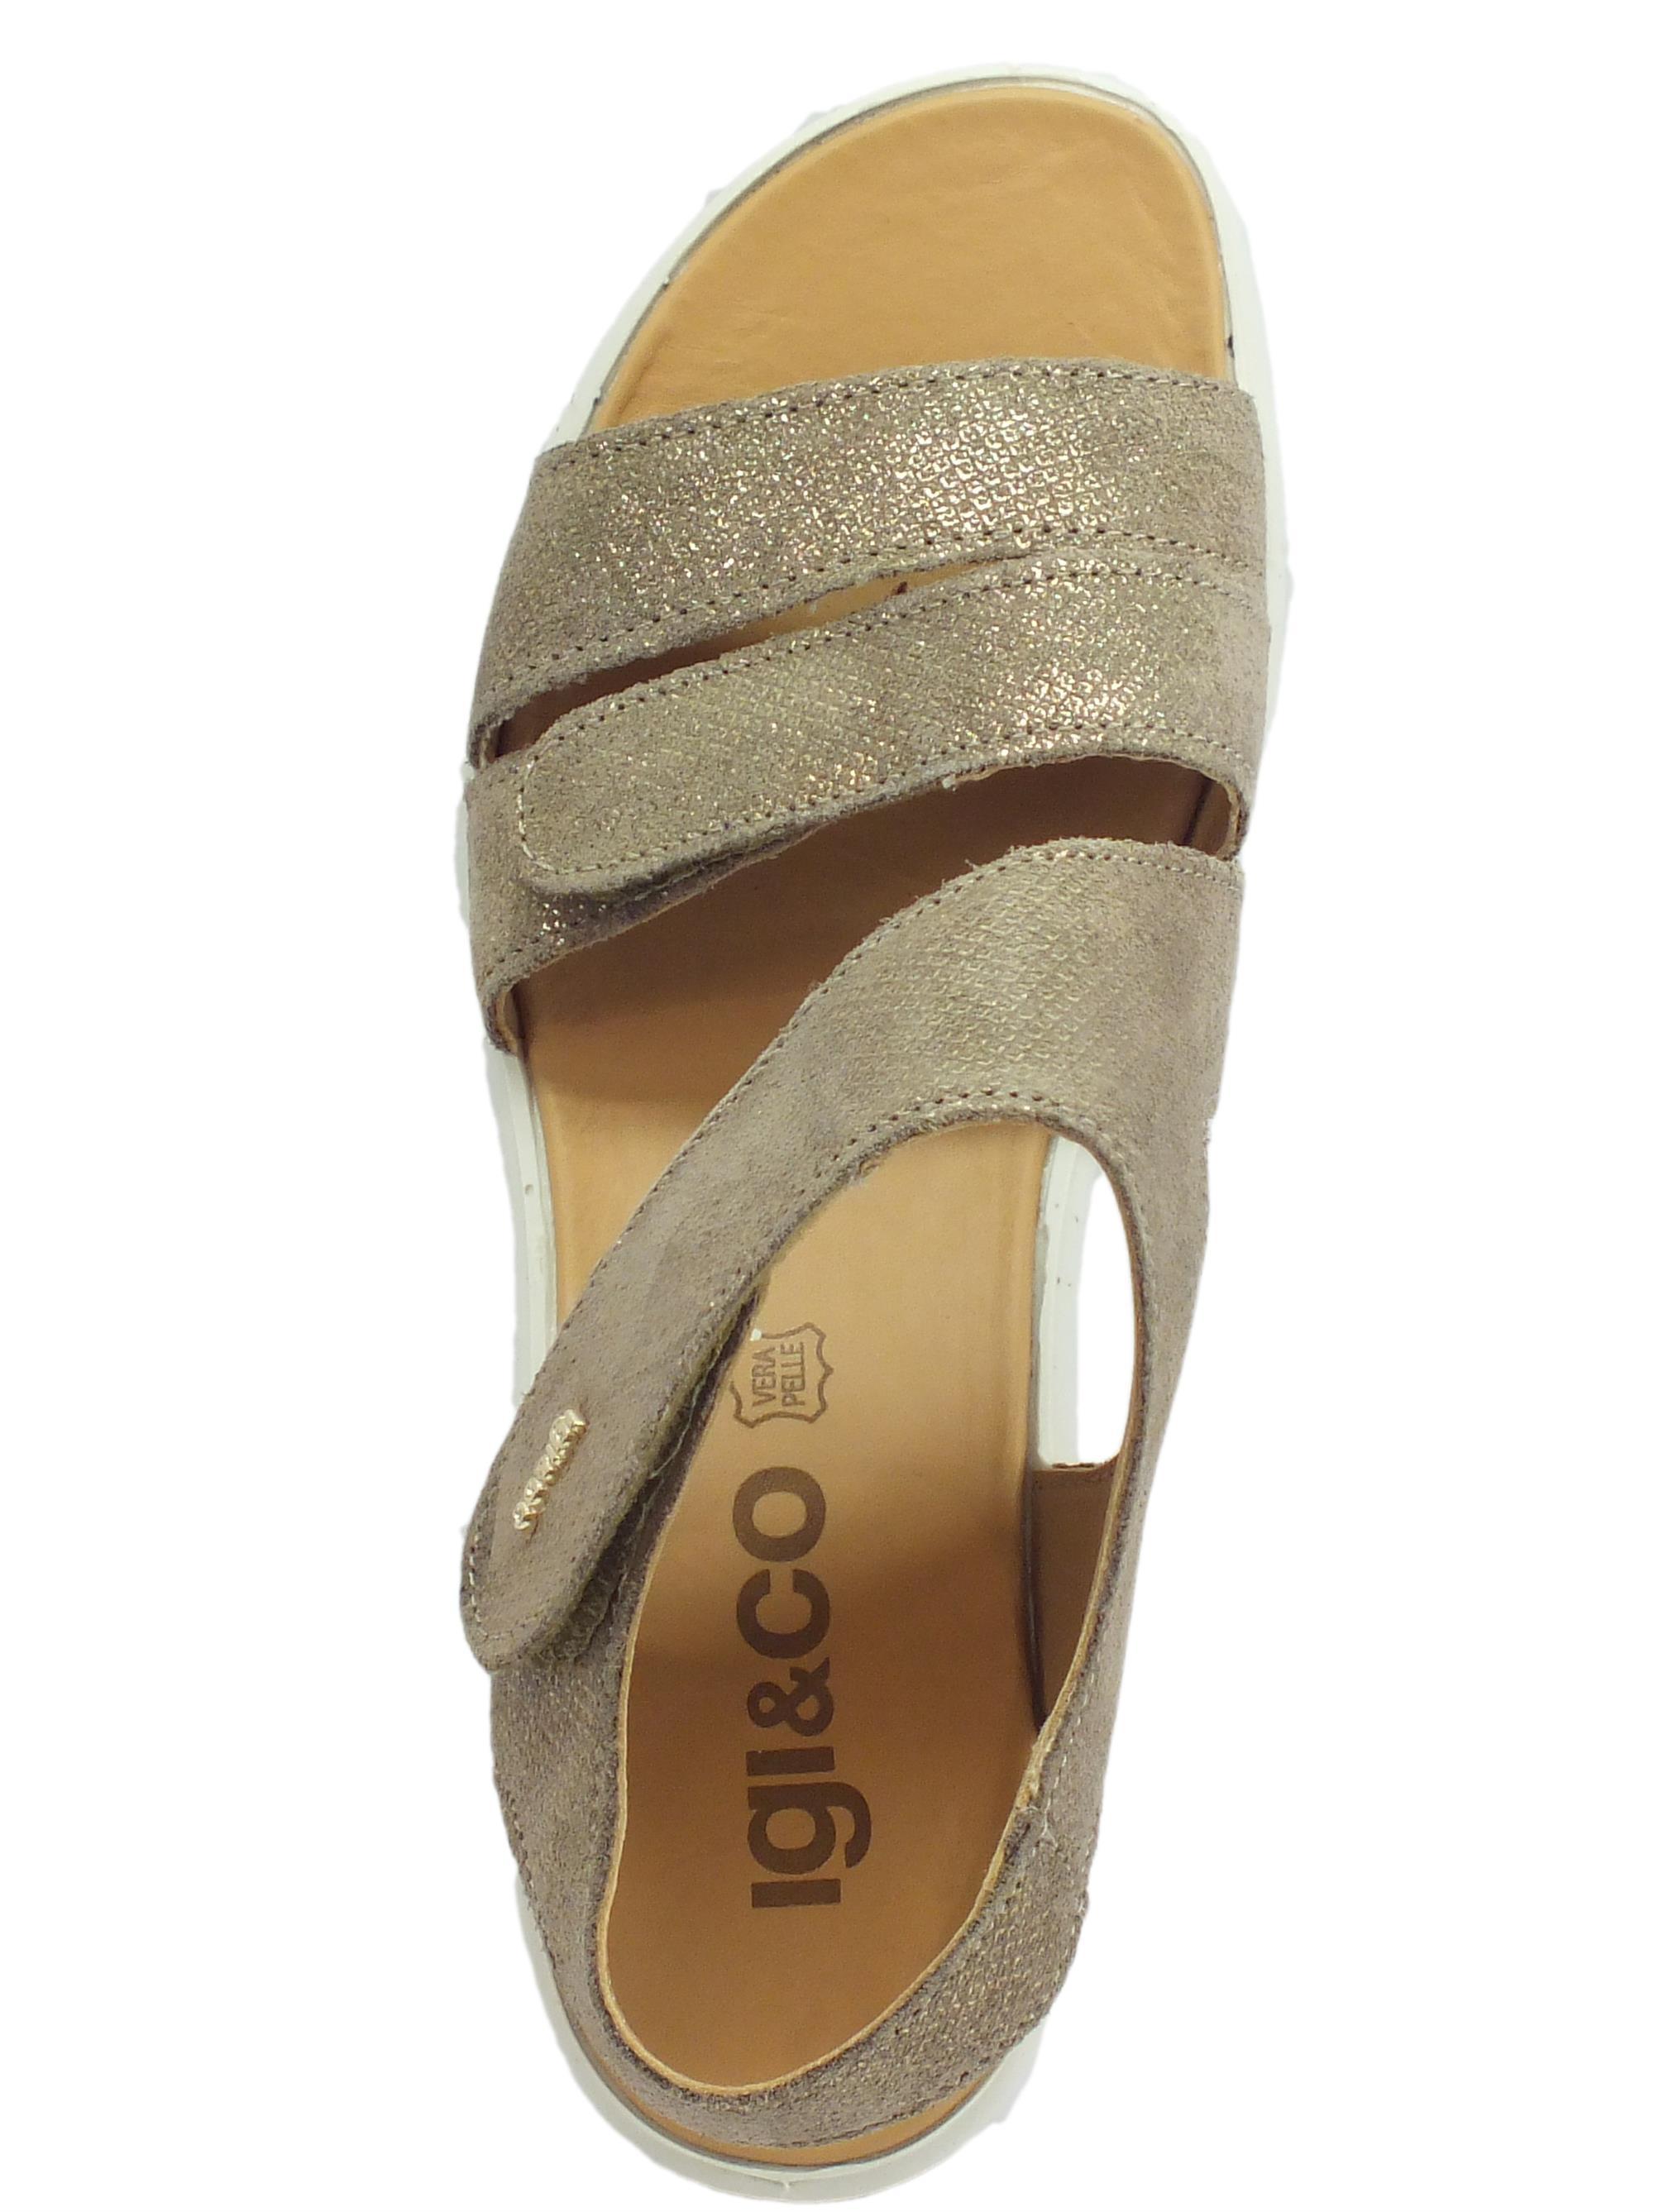 b46a248894f947 ... Sandali per donna Igi&Co in pelle scamosciata beige con riflessi oro  zeppa media